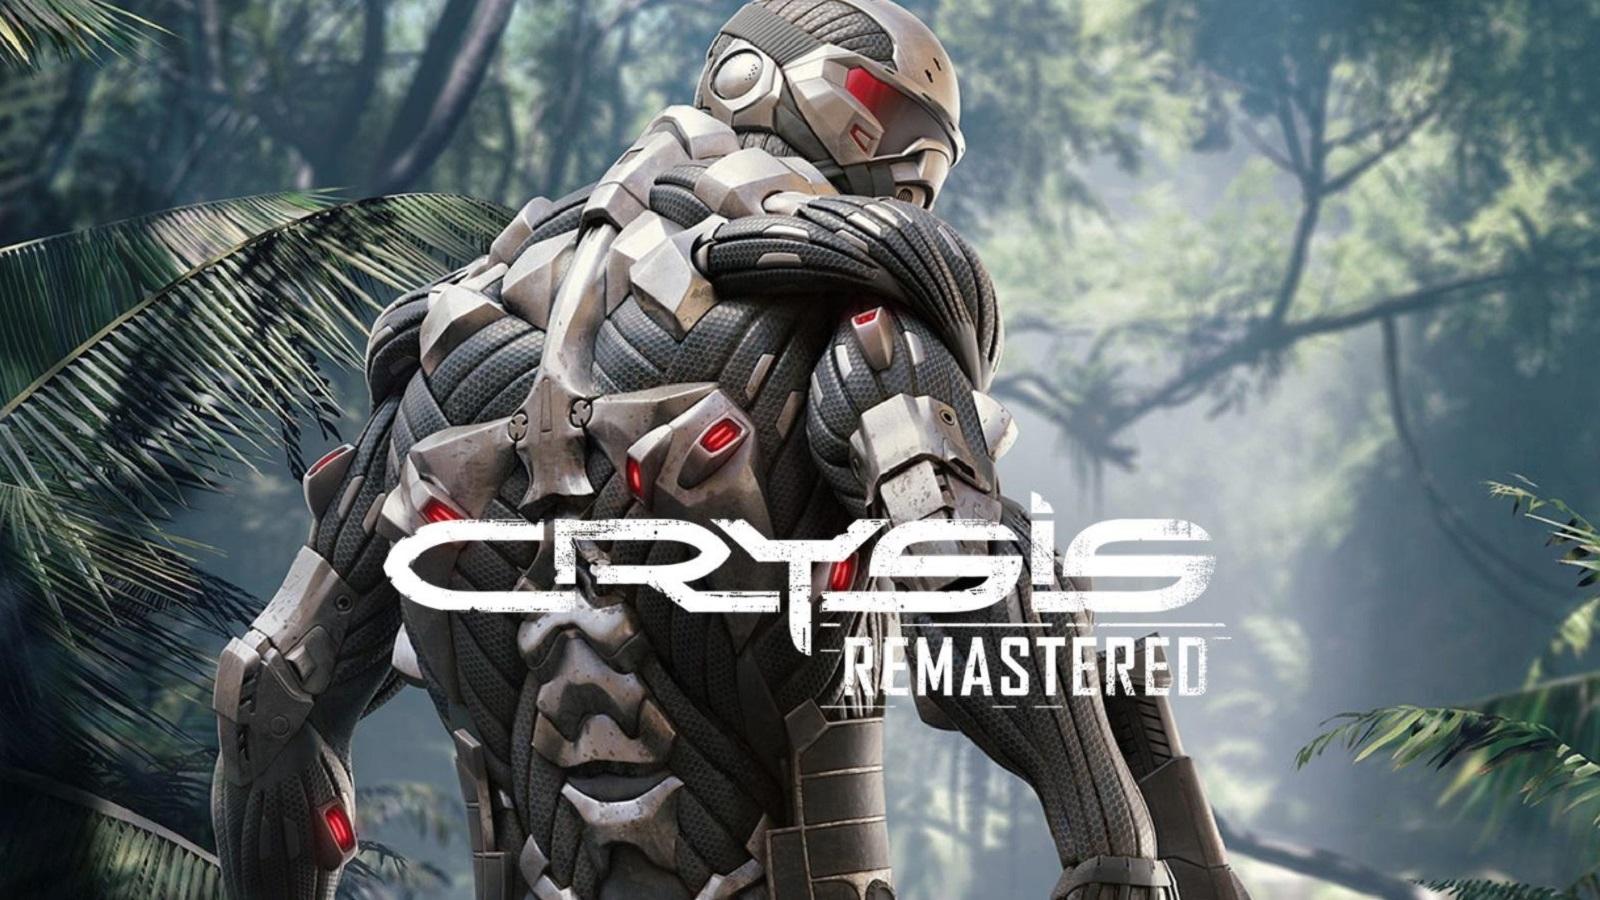 Обновленную версию Crysis перенесли из-за недостаточно высокого качества графики игры